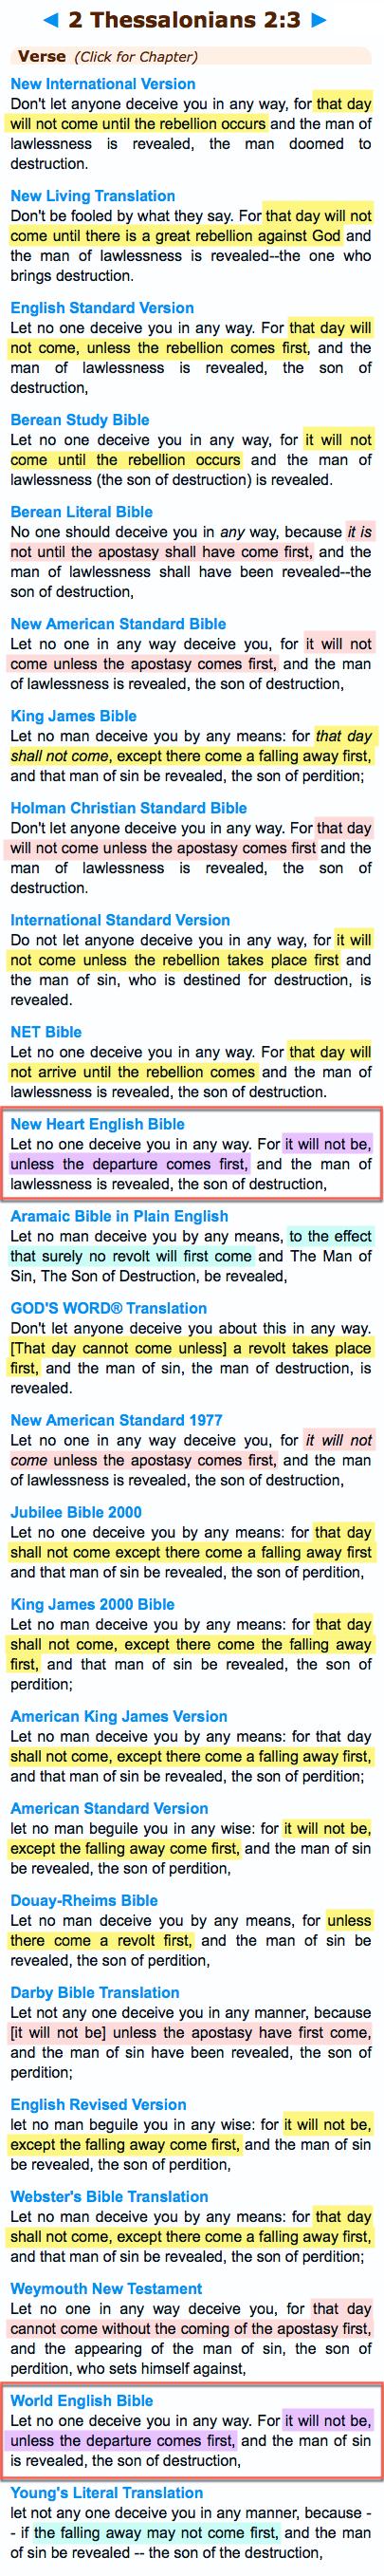 2 Thess 2_3 BibleHub